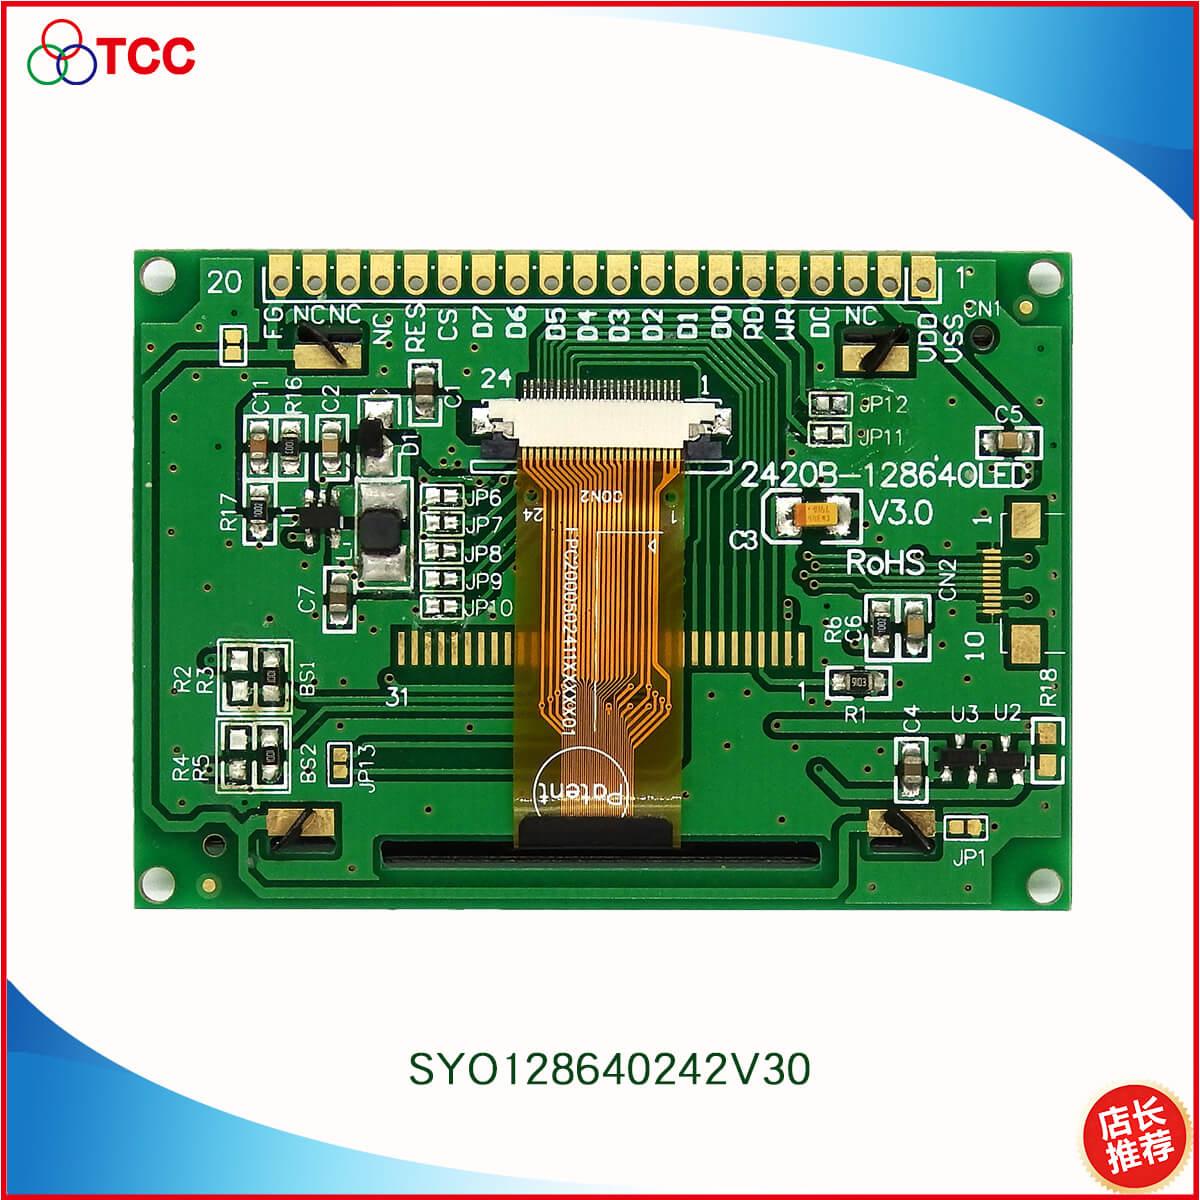 宝安12864液晶屏_三元晶科技提供口碑好的12864液晶屏